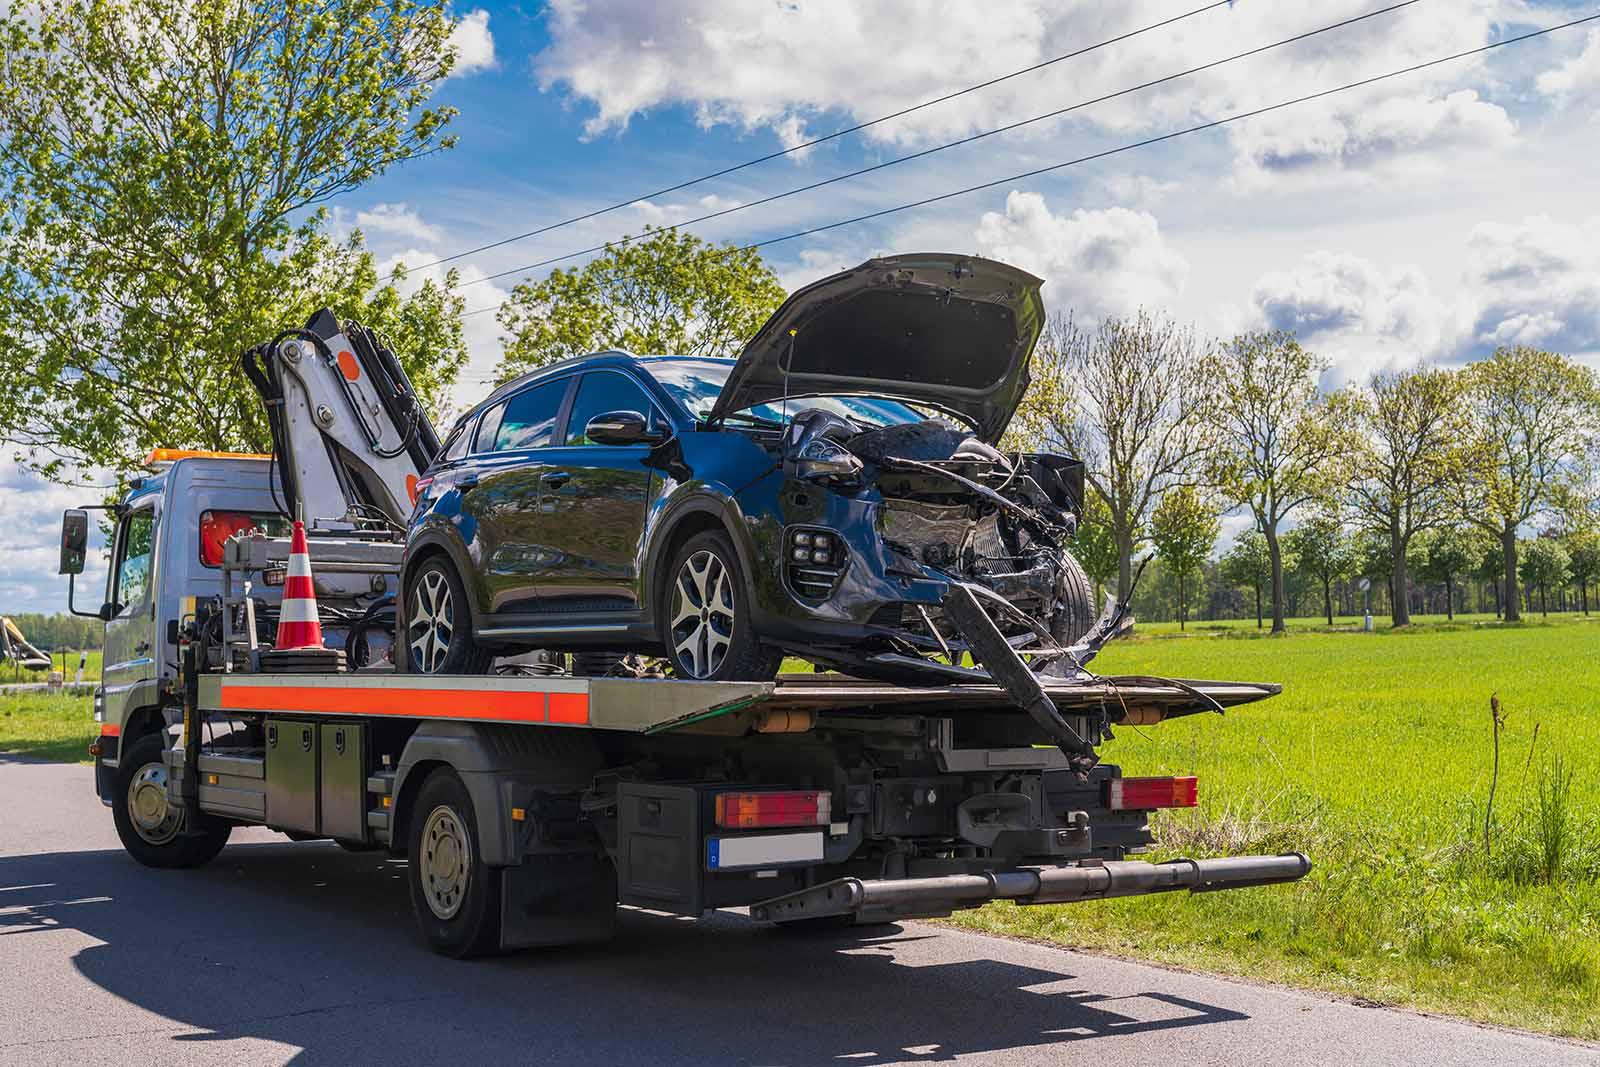 Vi är er bilskrot i Östergötland. Vänd er till oss om ni behöver skota en bil på vår bilskrot i Östergötland.